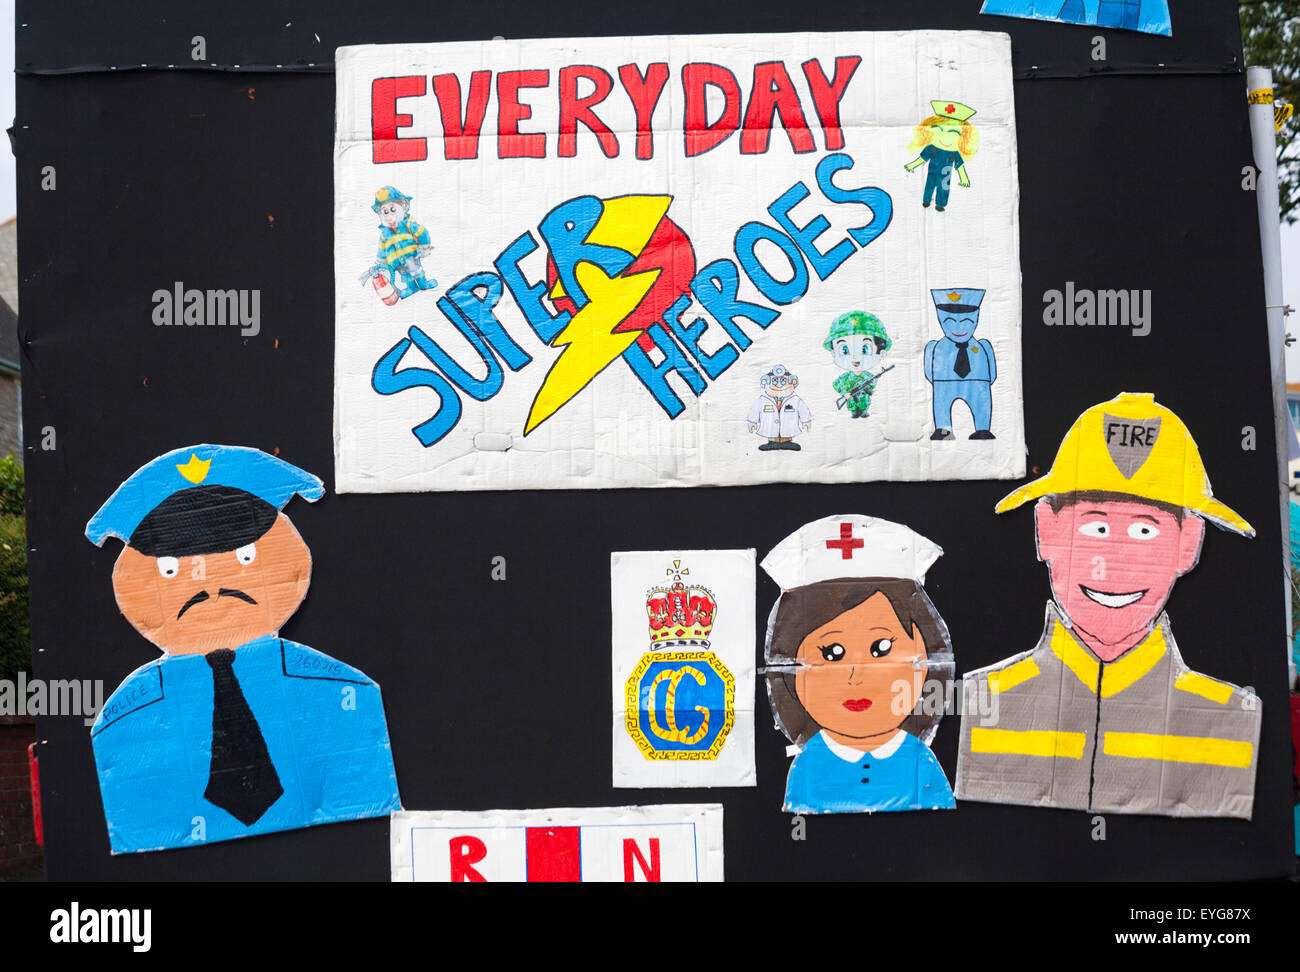 Swanage sfilata di carnevale tema di supereroi - Tutti i giorni super eroi Immagini Stock